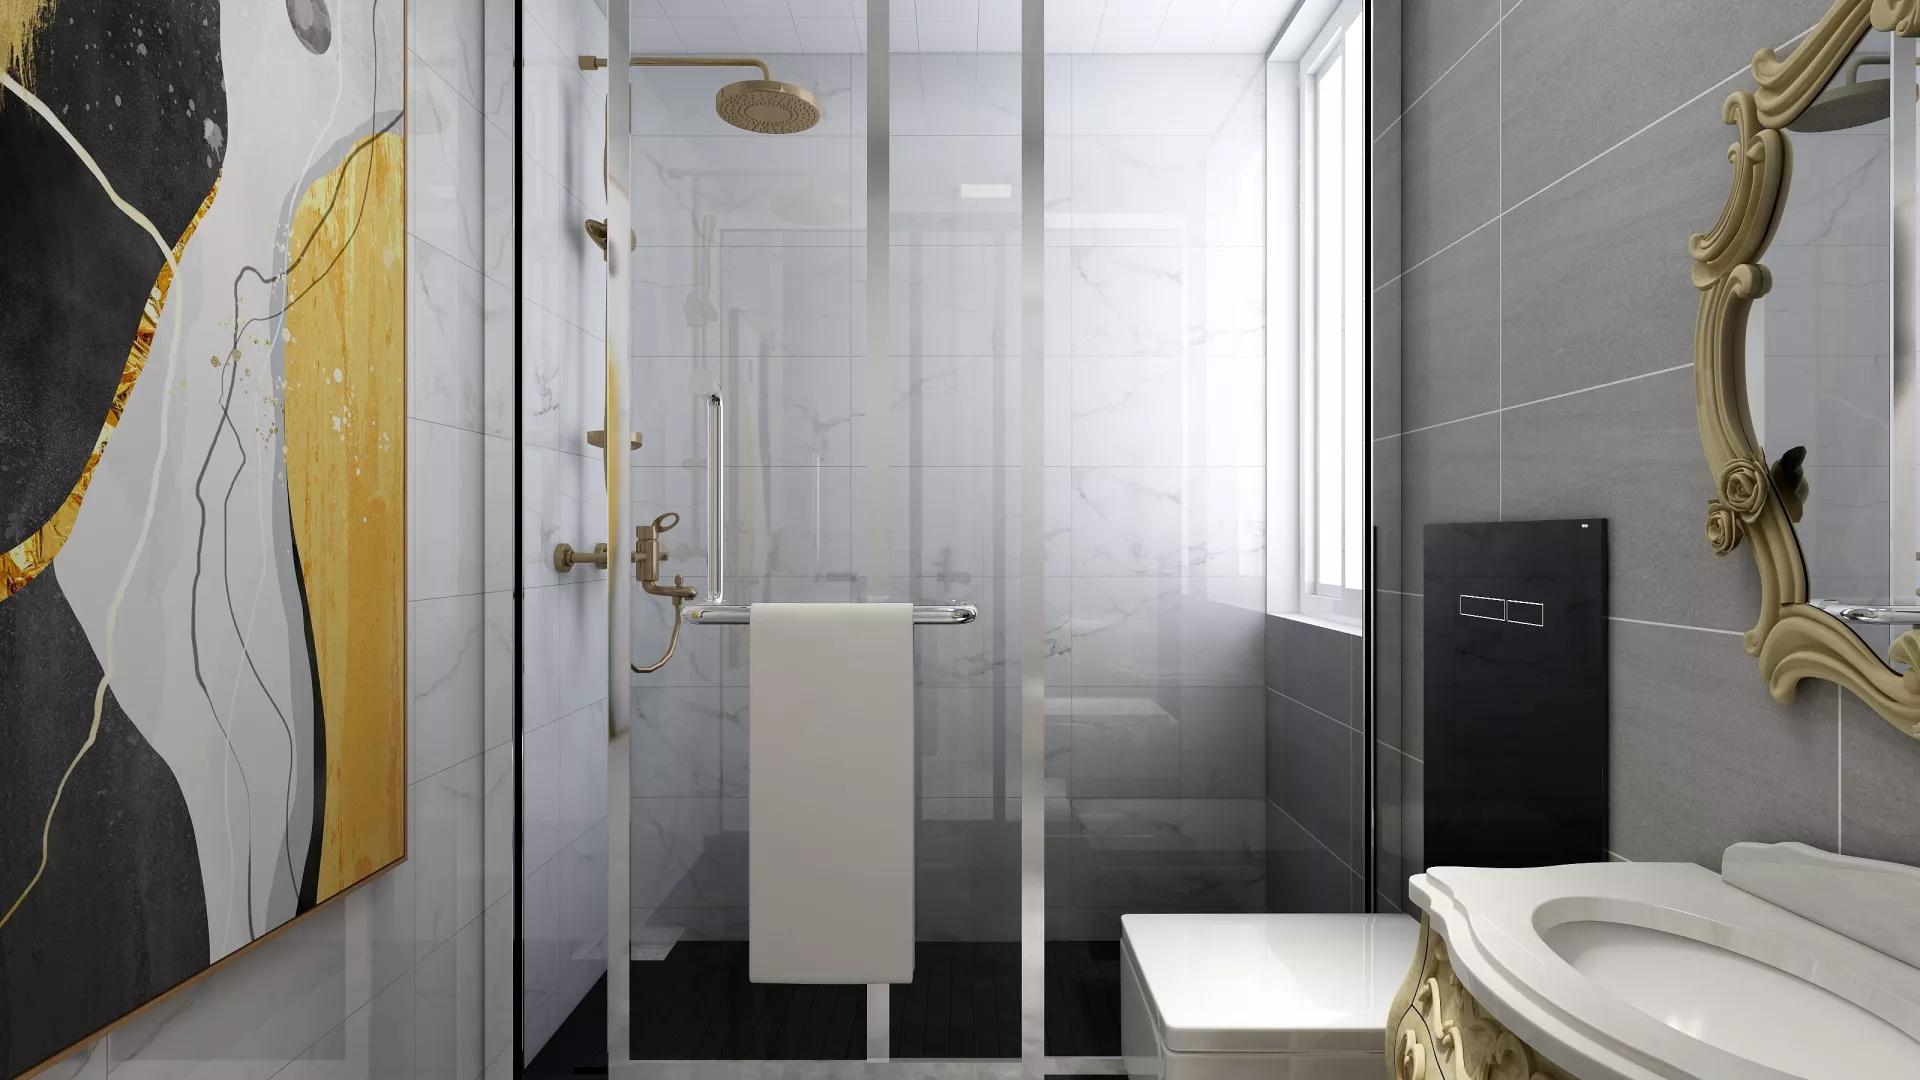 卫生间隔断墙设计的方法都有哪些?